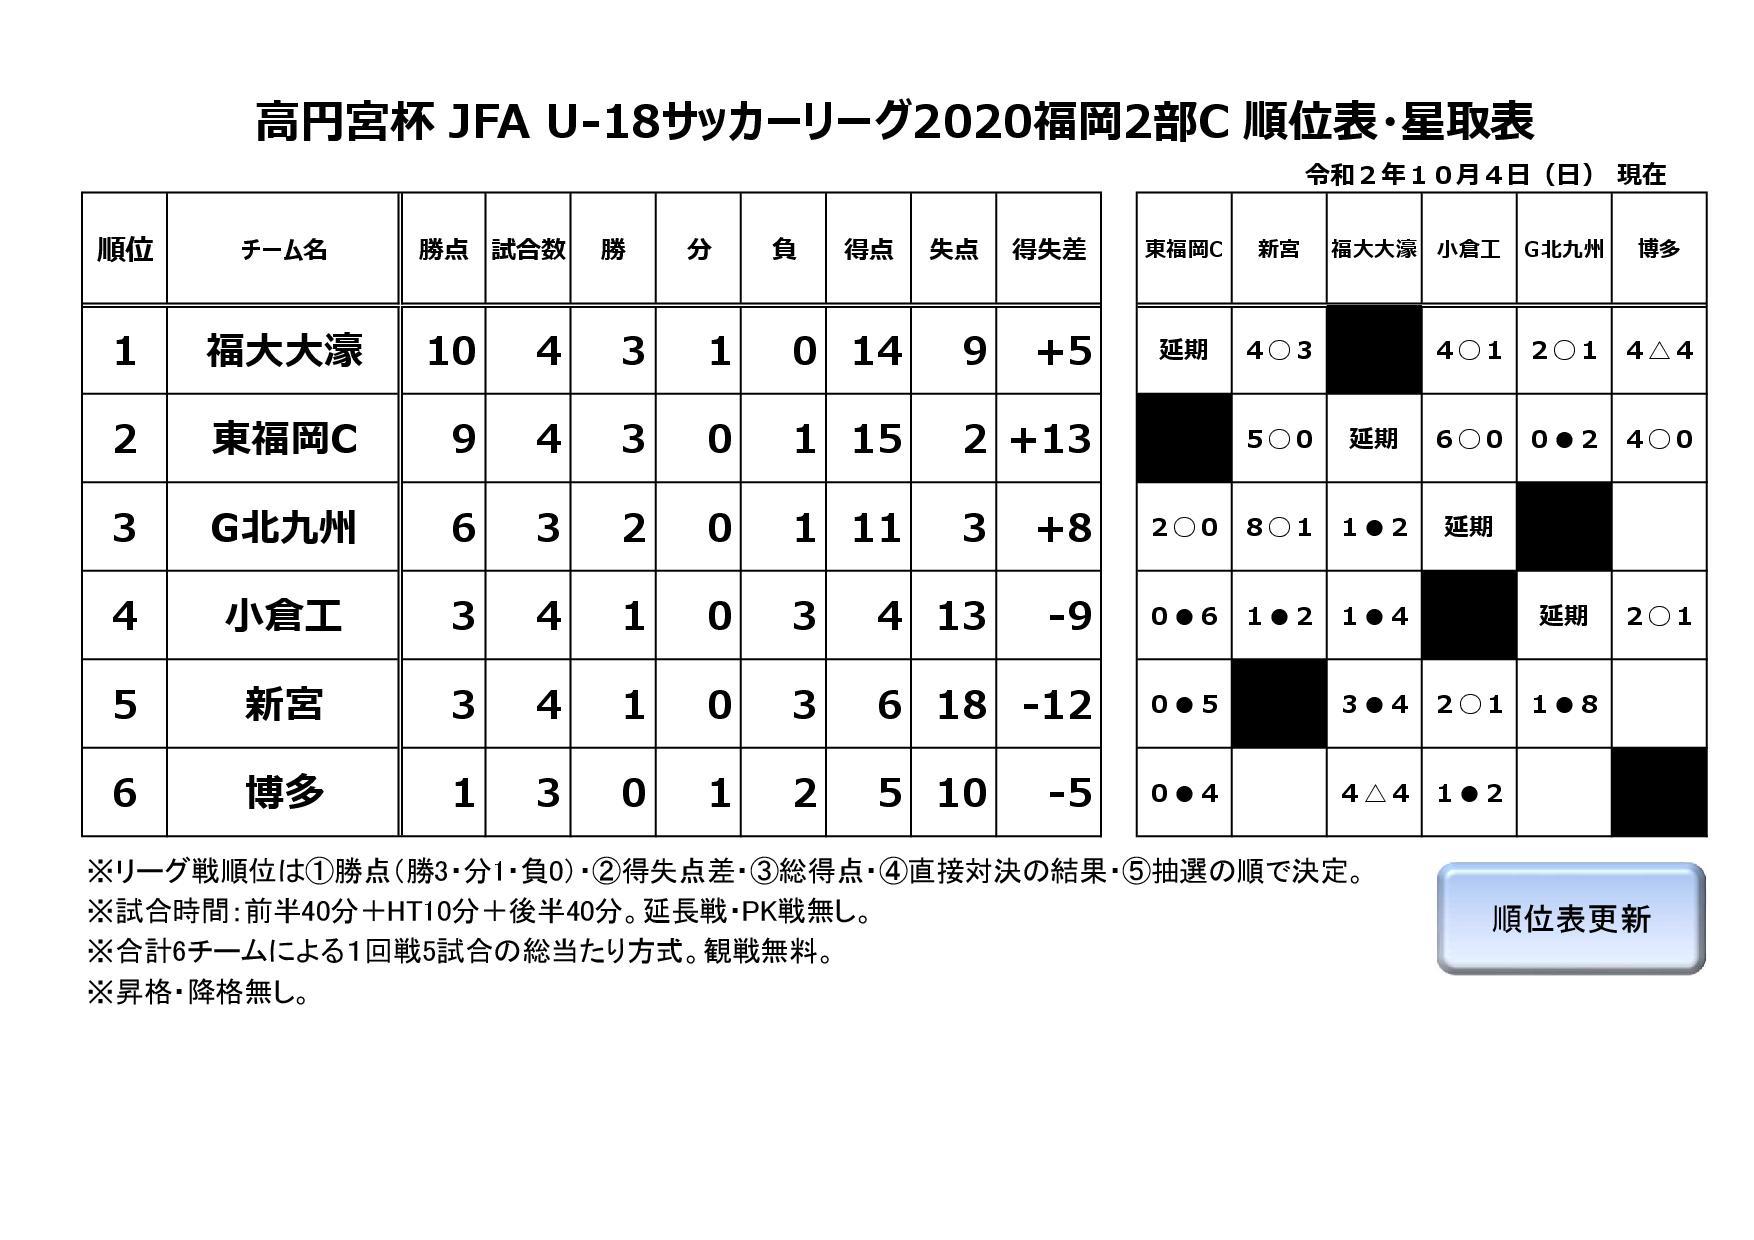 高円宮杯 JFA U-18サッカーリーグ2020福岡2部C